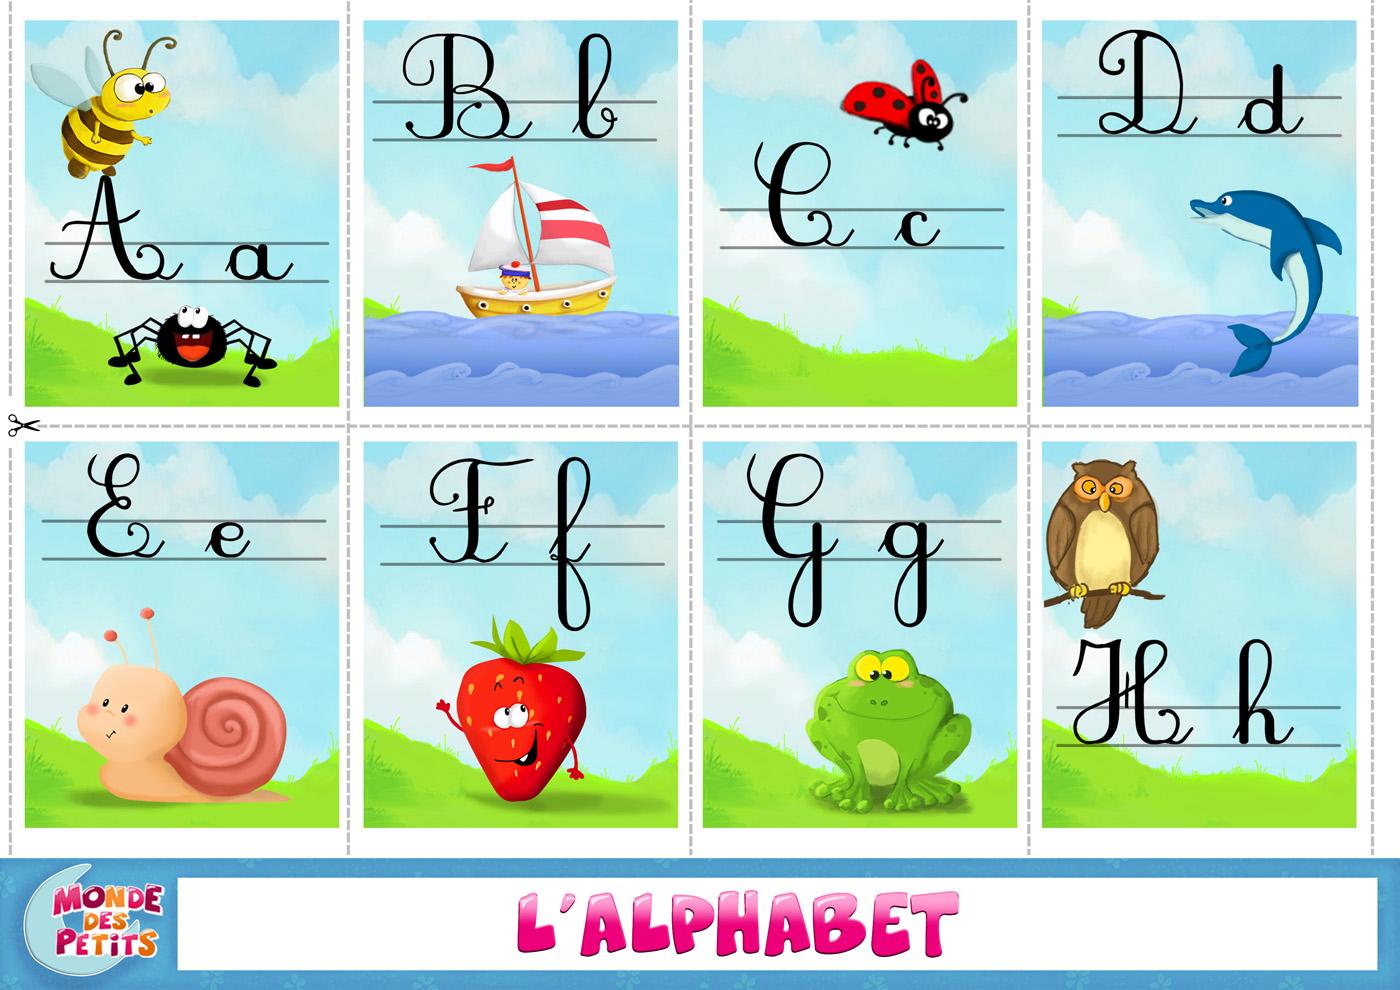 Apprendre l alphabet eu91 montrealeast - Alphabet francais maternelle ...